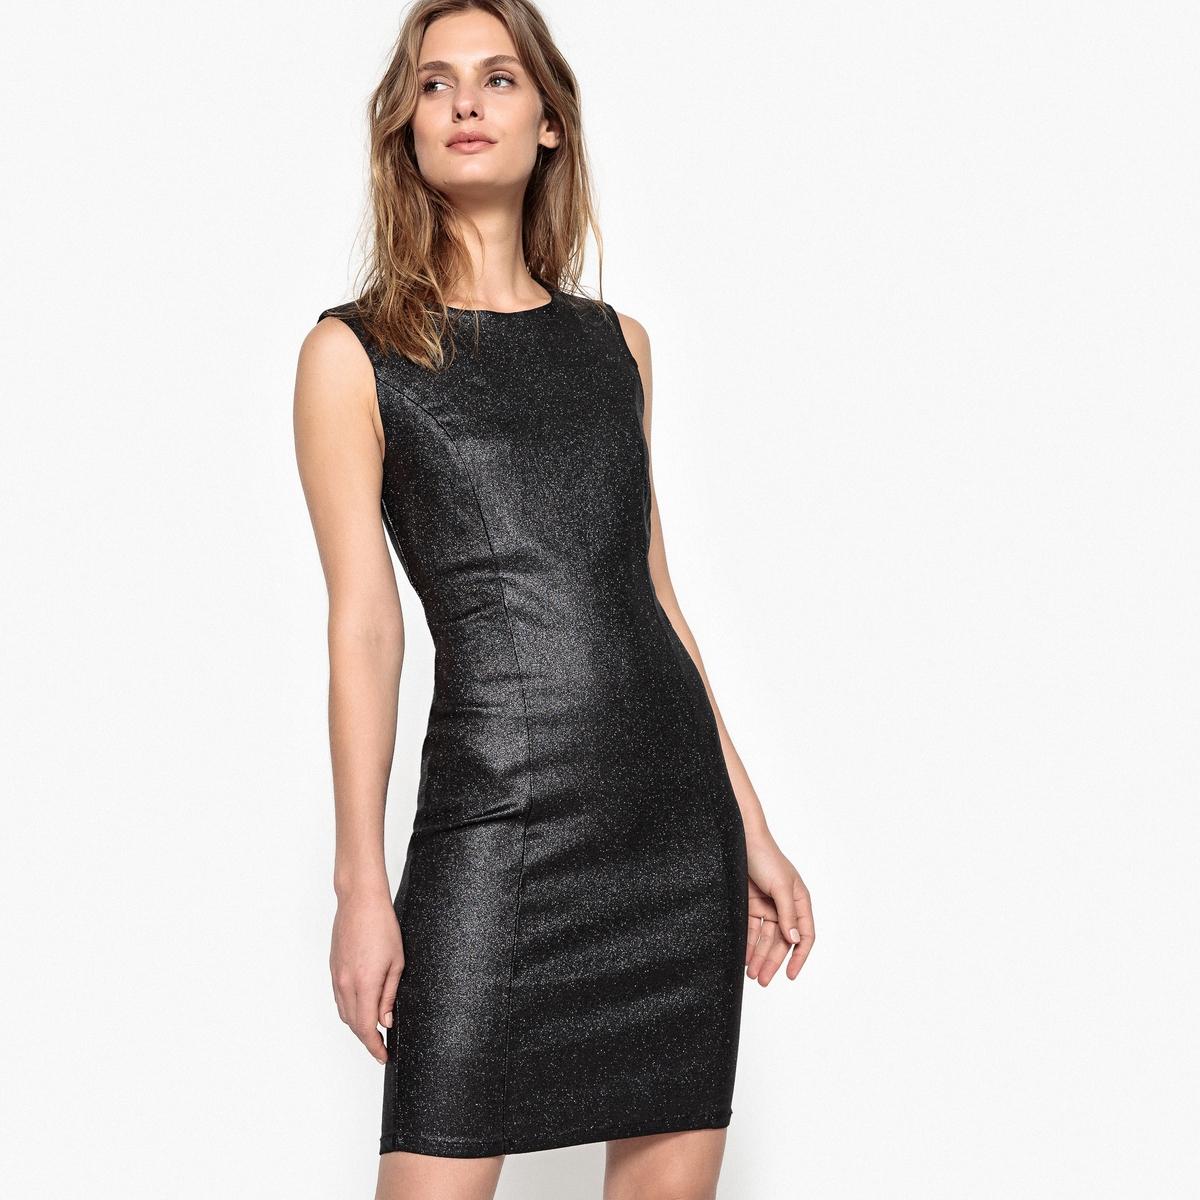 Платье однотонное прямого покроя без рукавов, длина миди, 3/4Детали •  Форма : прямая •  Длина миди, 3/4 •  Без рукавов     •   V-образный вырезСостав и уход •  76% вискозы, 3% эластана, 21% полиамида •  Следуйте советам по уходу, указанным на этикетке<br><br>Цвет: черный